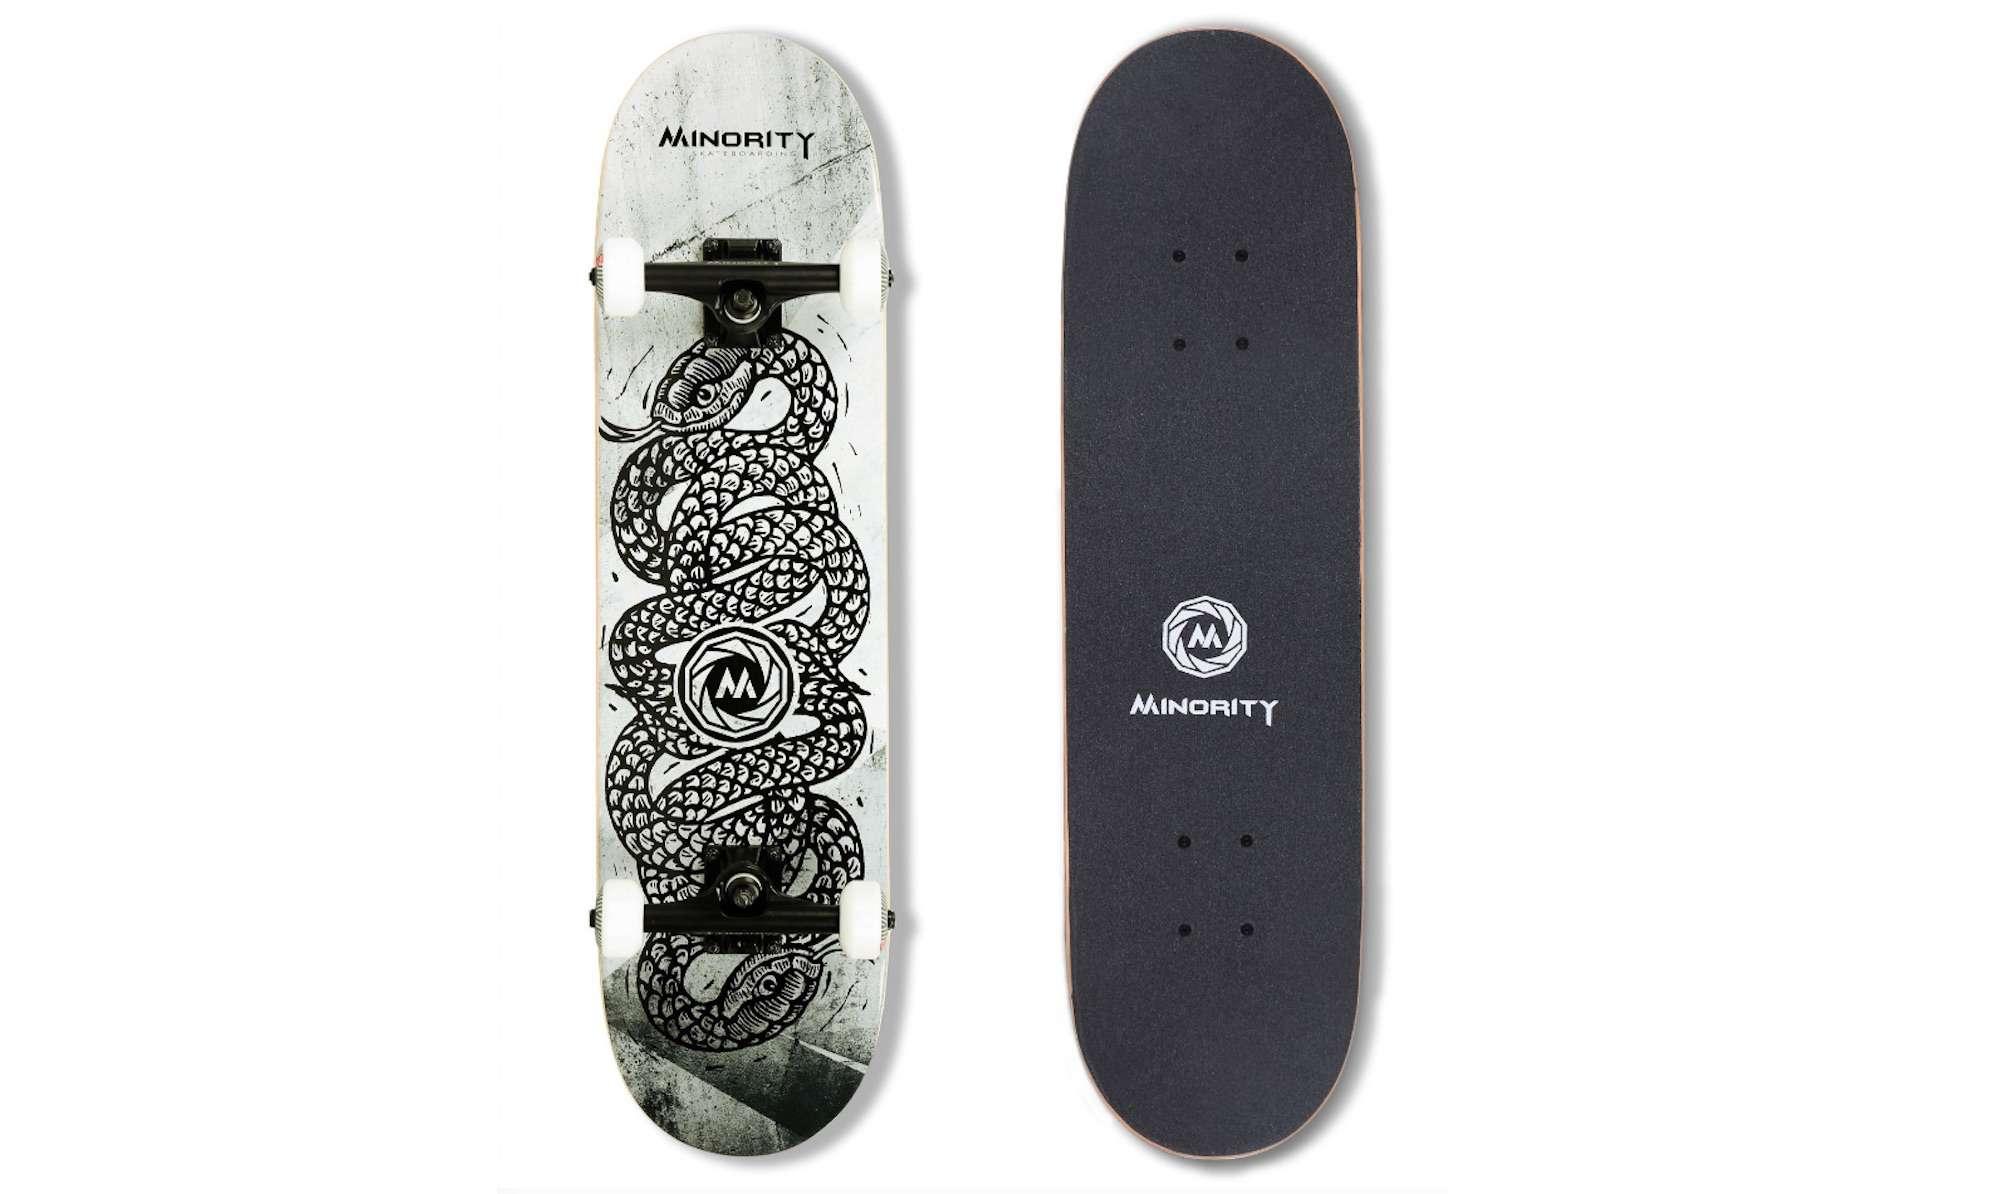 Minority Skateboard